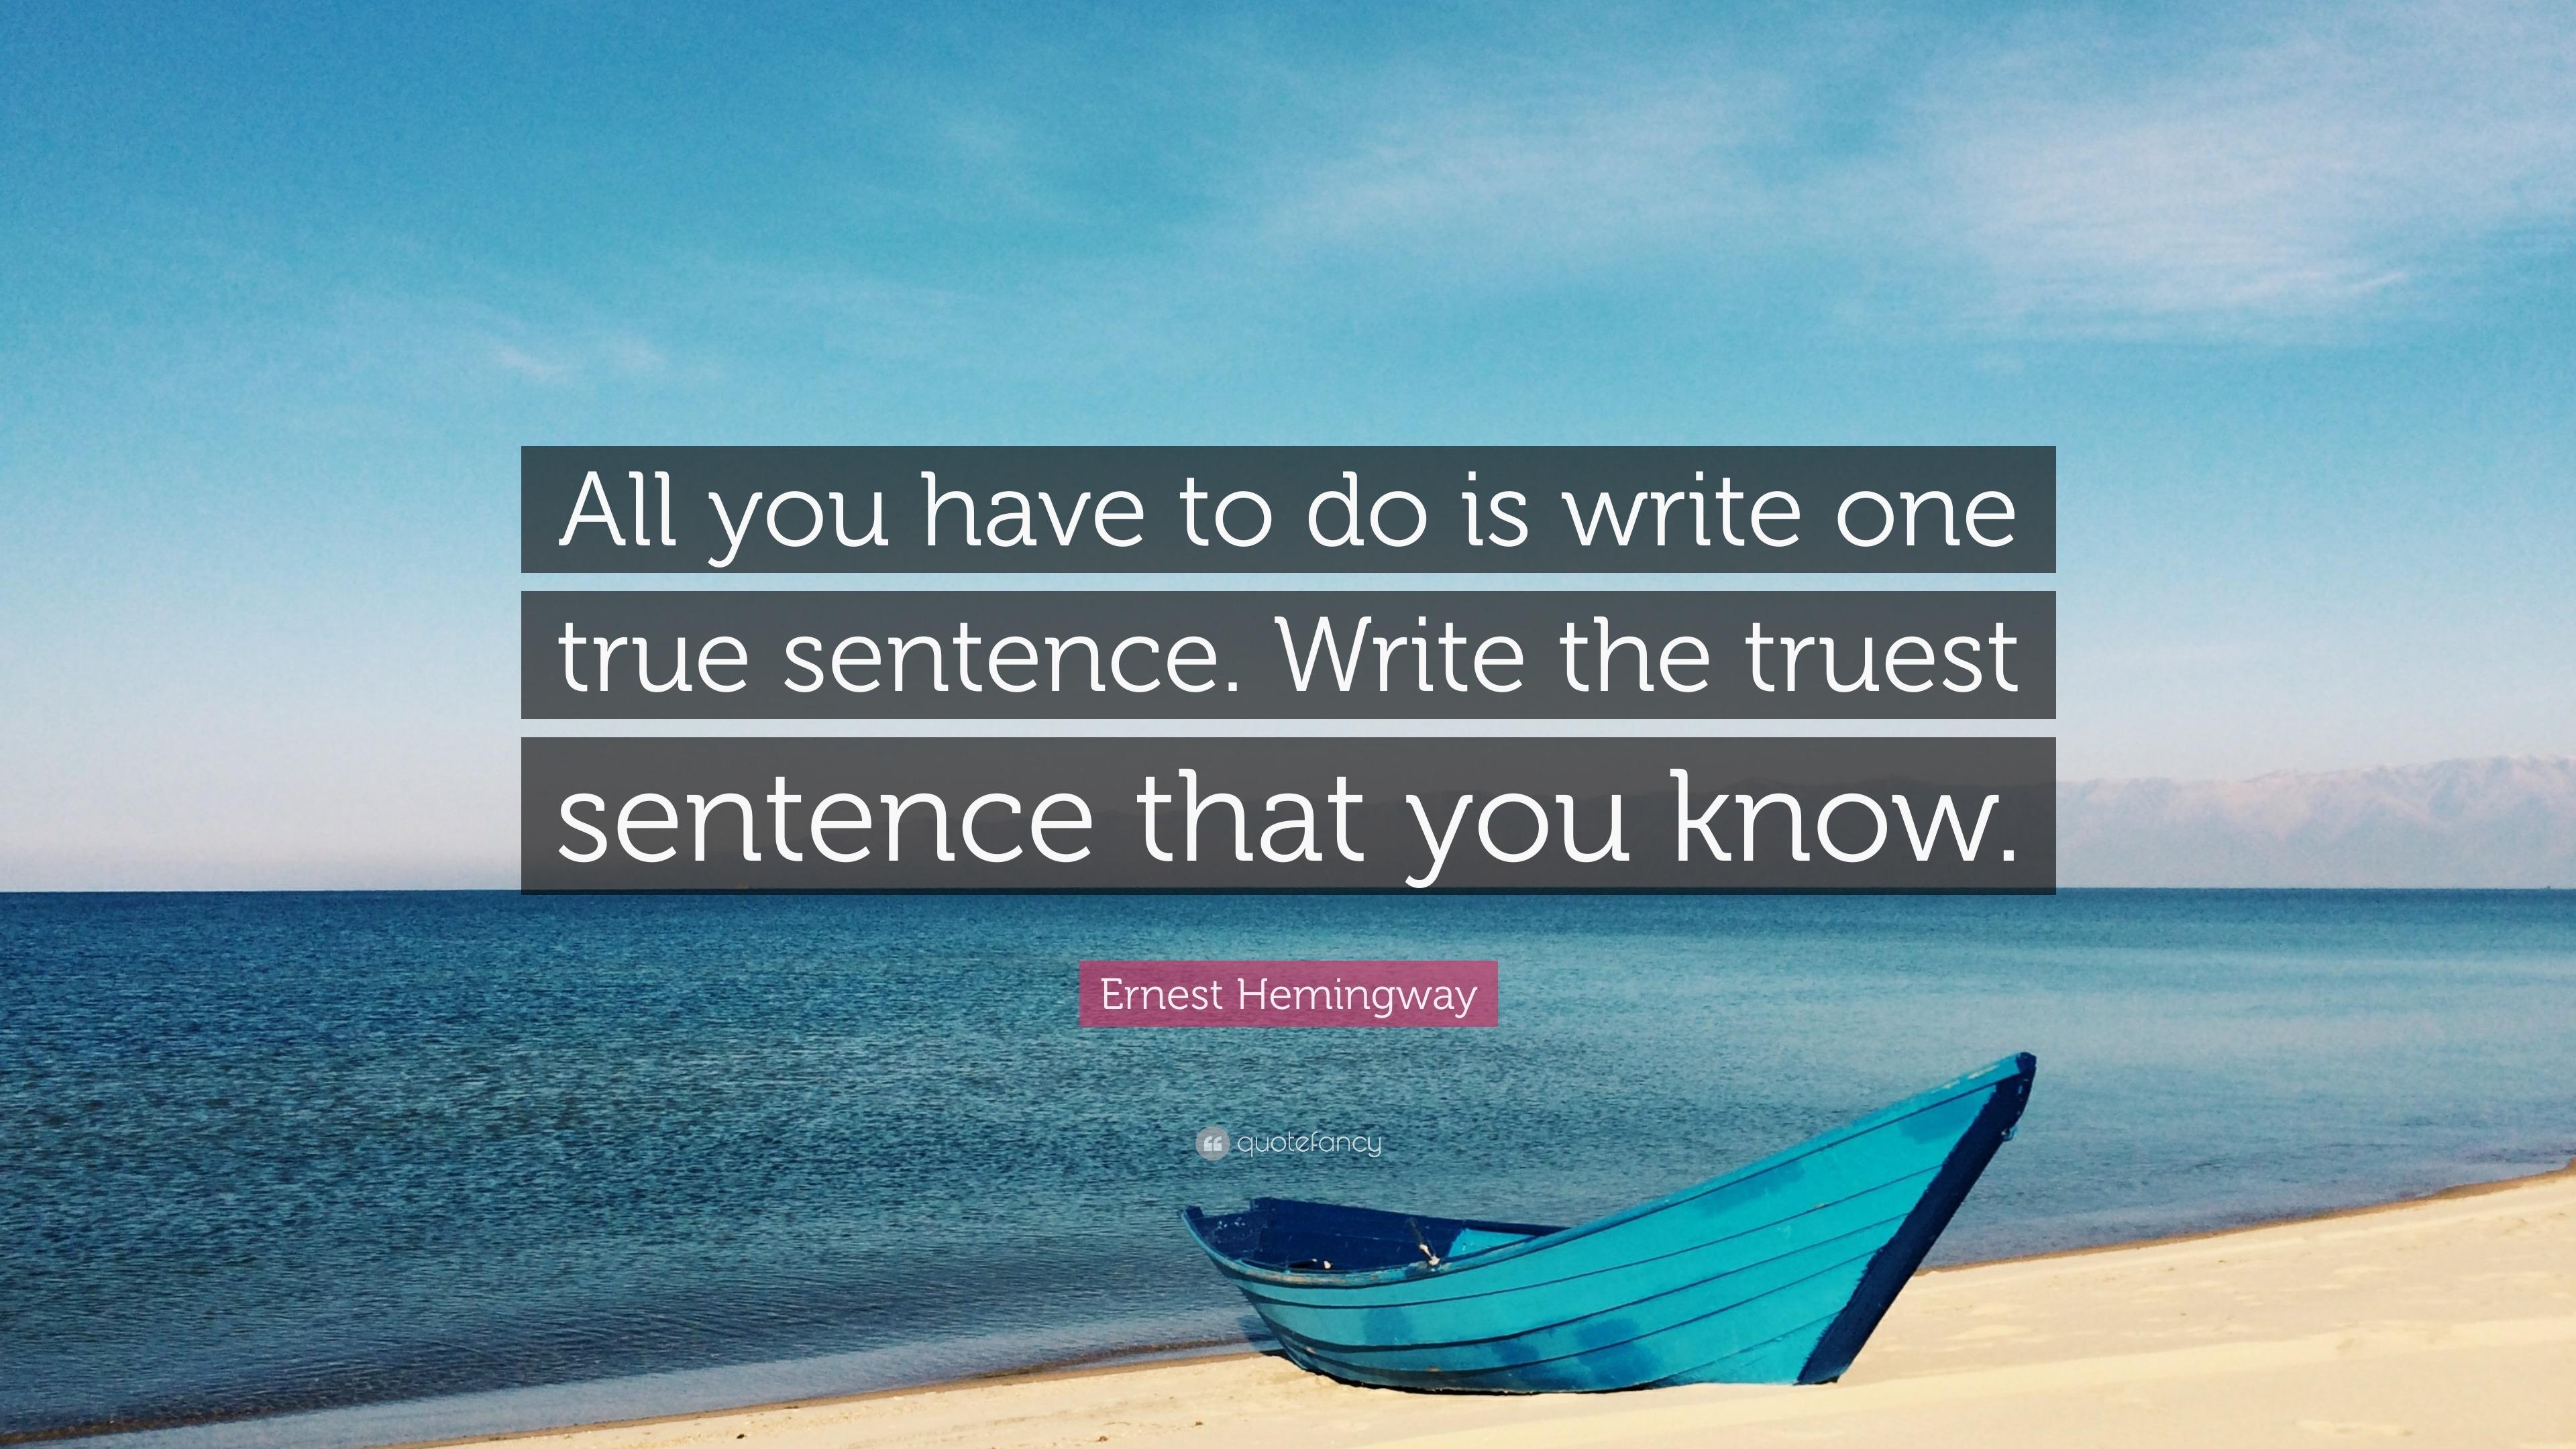 Write a true sentence